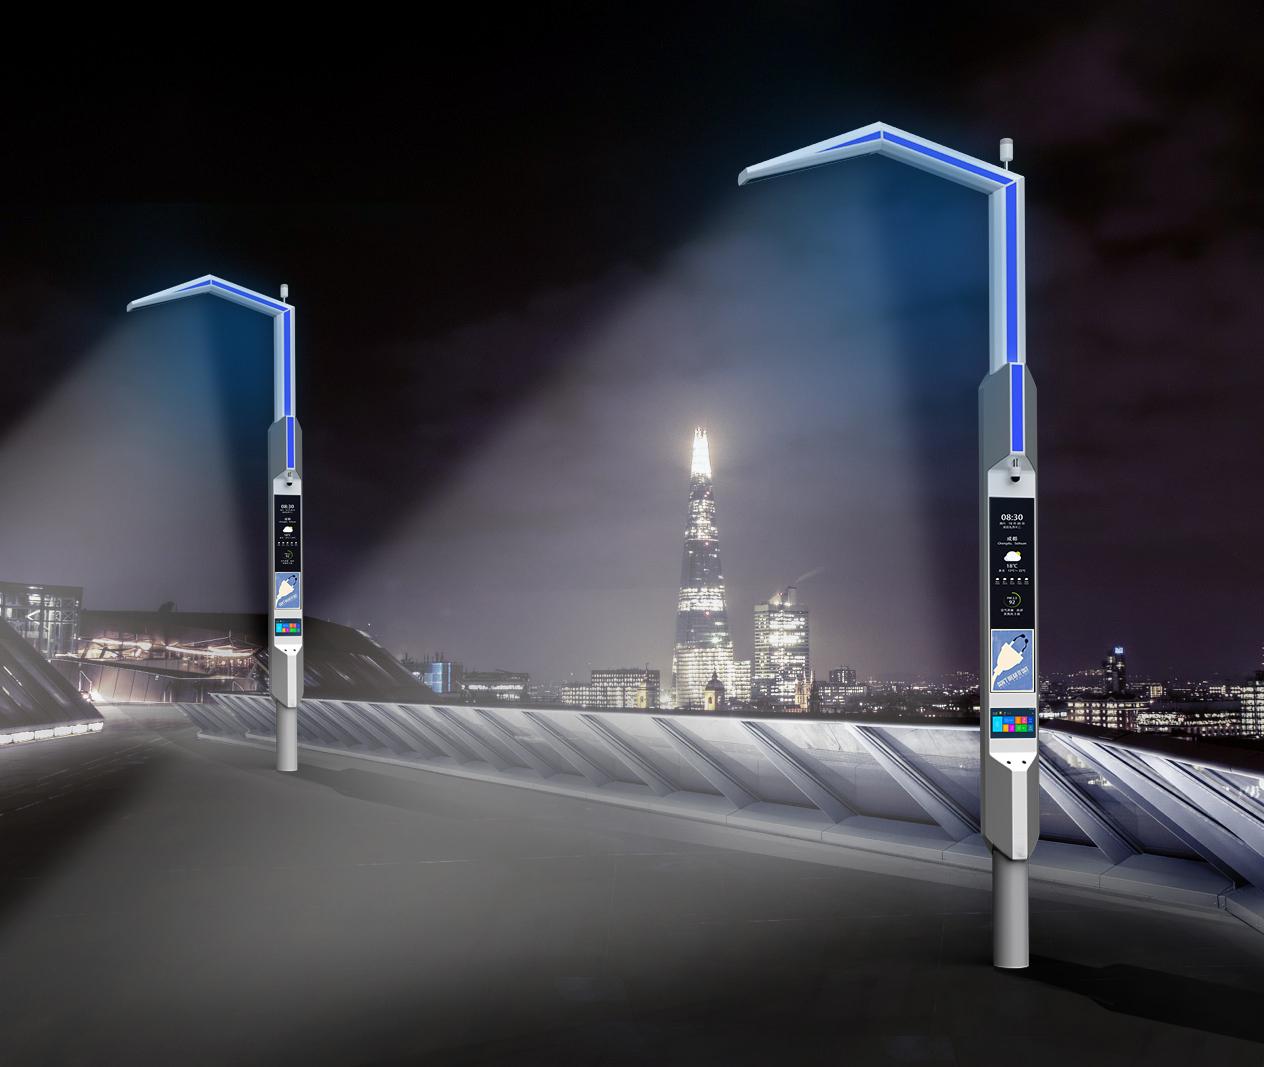 鹰嘴型BoB全球体育投注平台道路灯